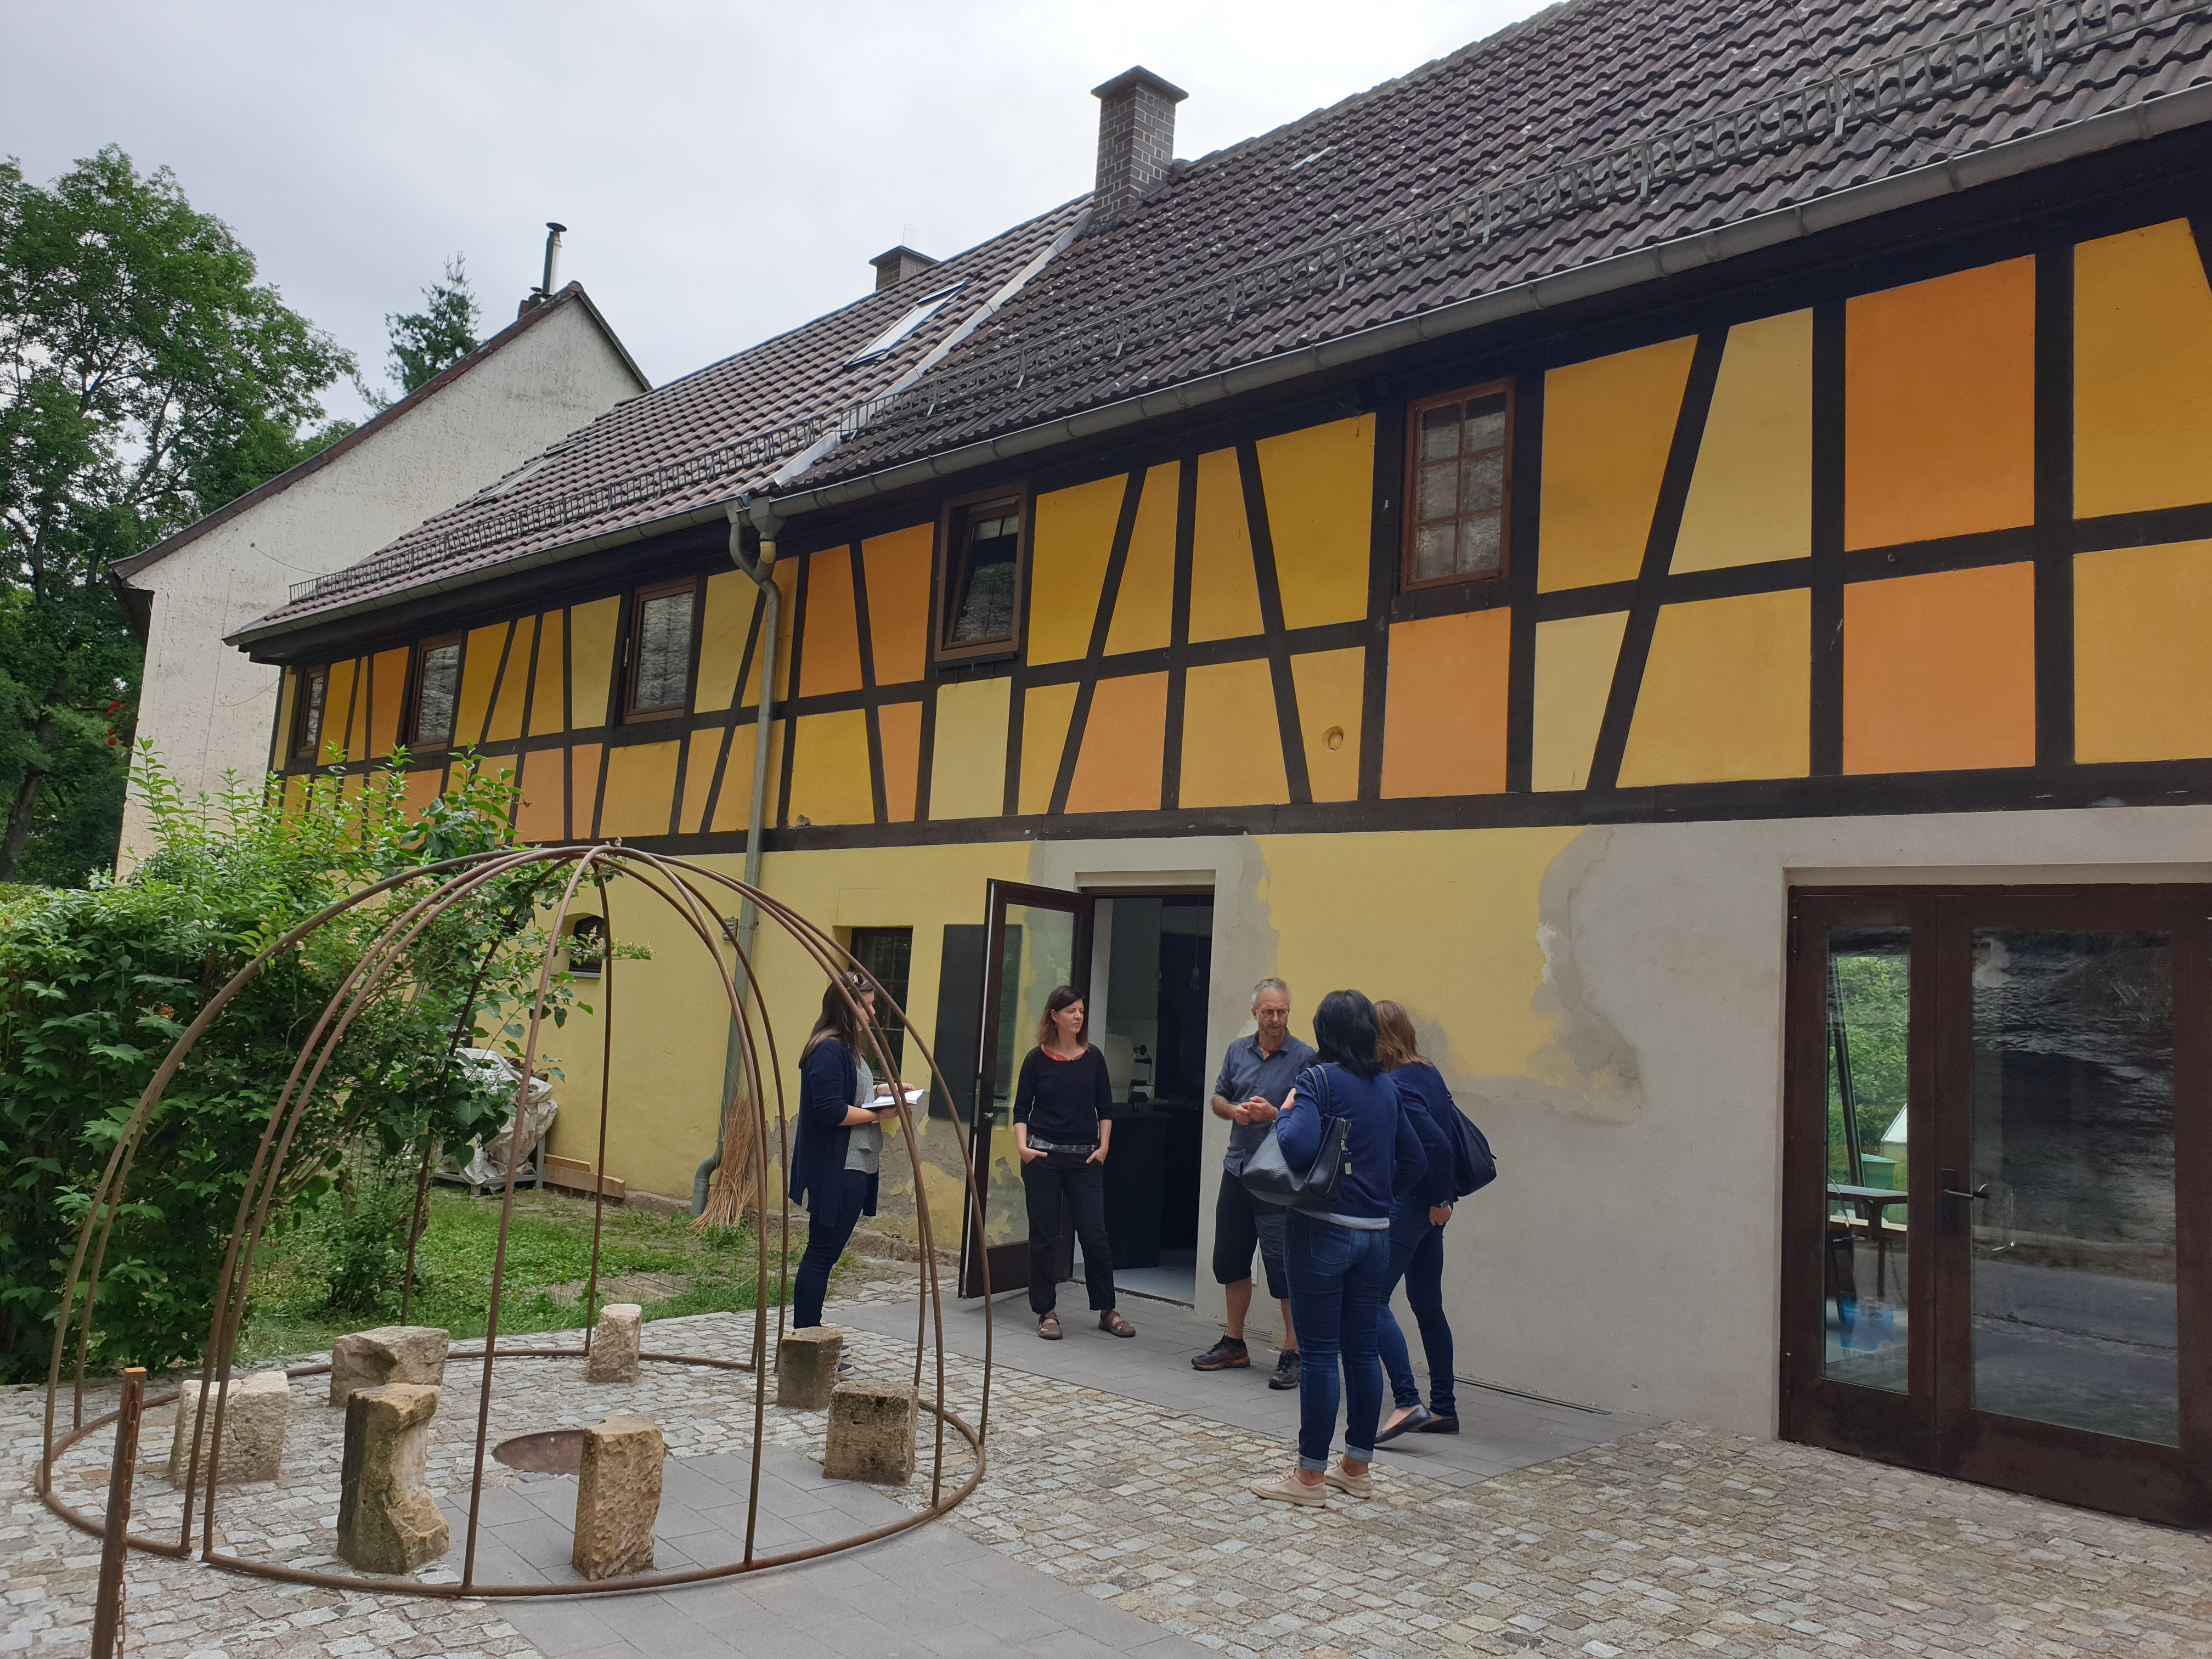 Rundfahrt Fachbeirat: Ateliercafé flow, RAG Weimarer Land - Mittelthüringen e.V.